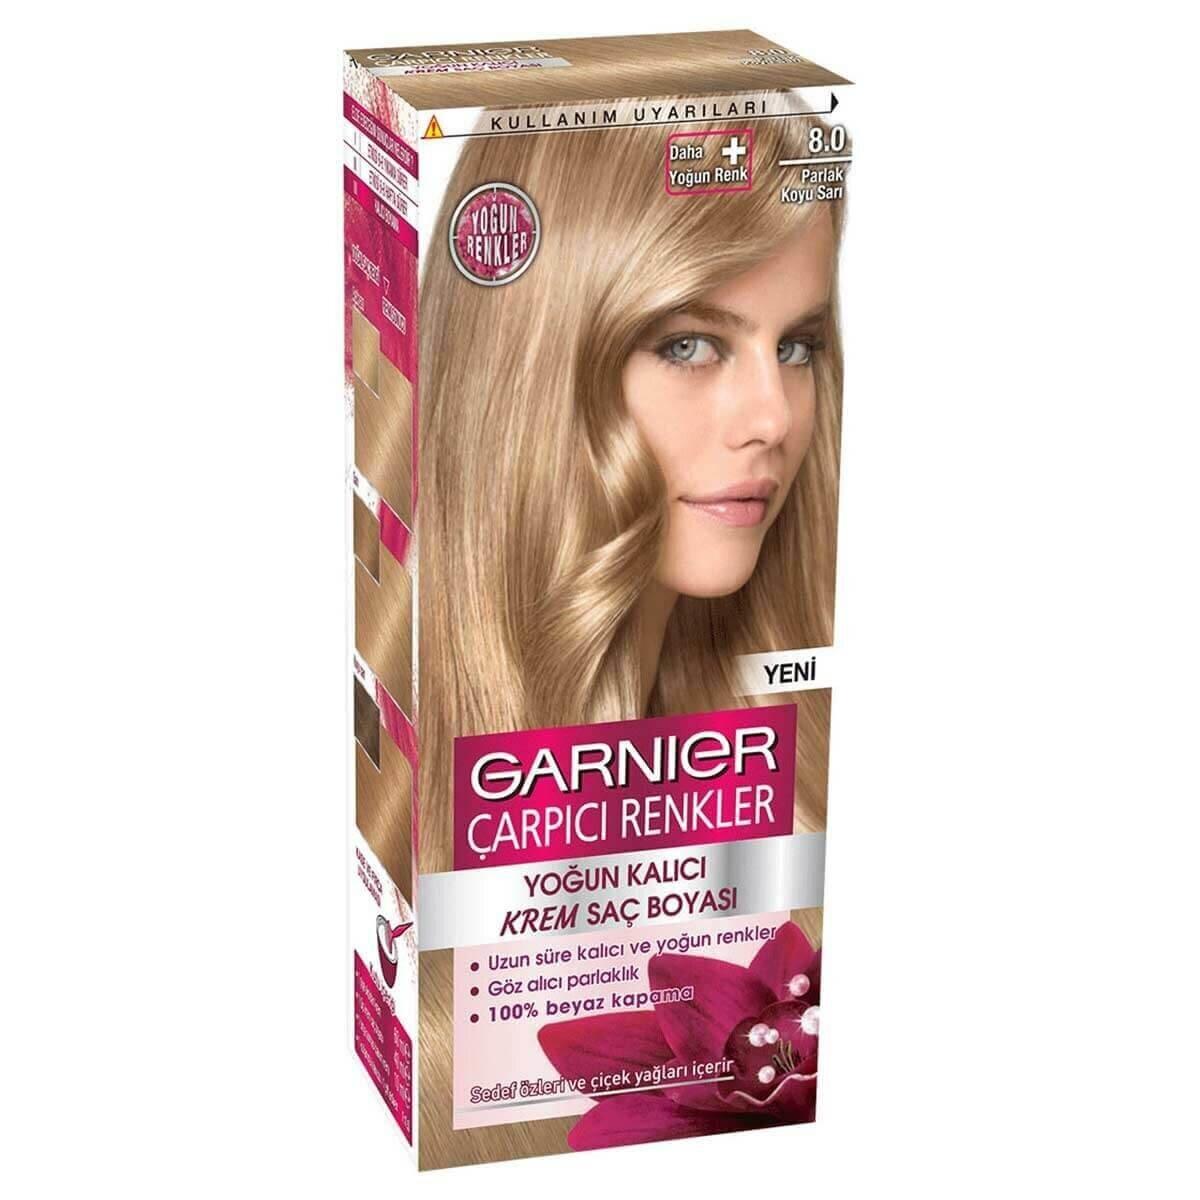 çarpıcı Renkler Saç Boyası 8 Parlak Koyu Sarı Garnier Watsons